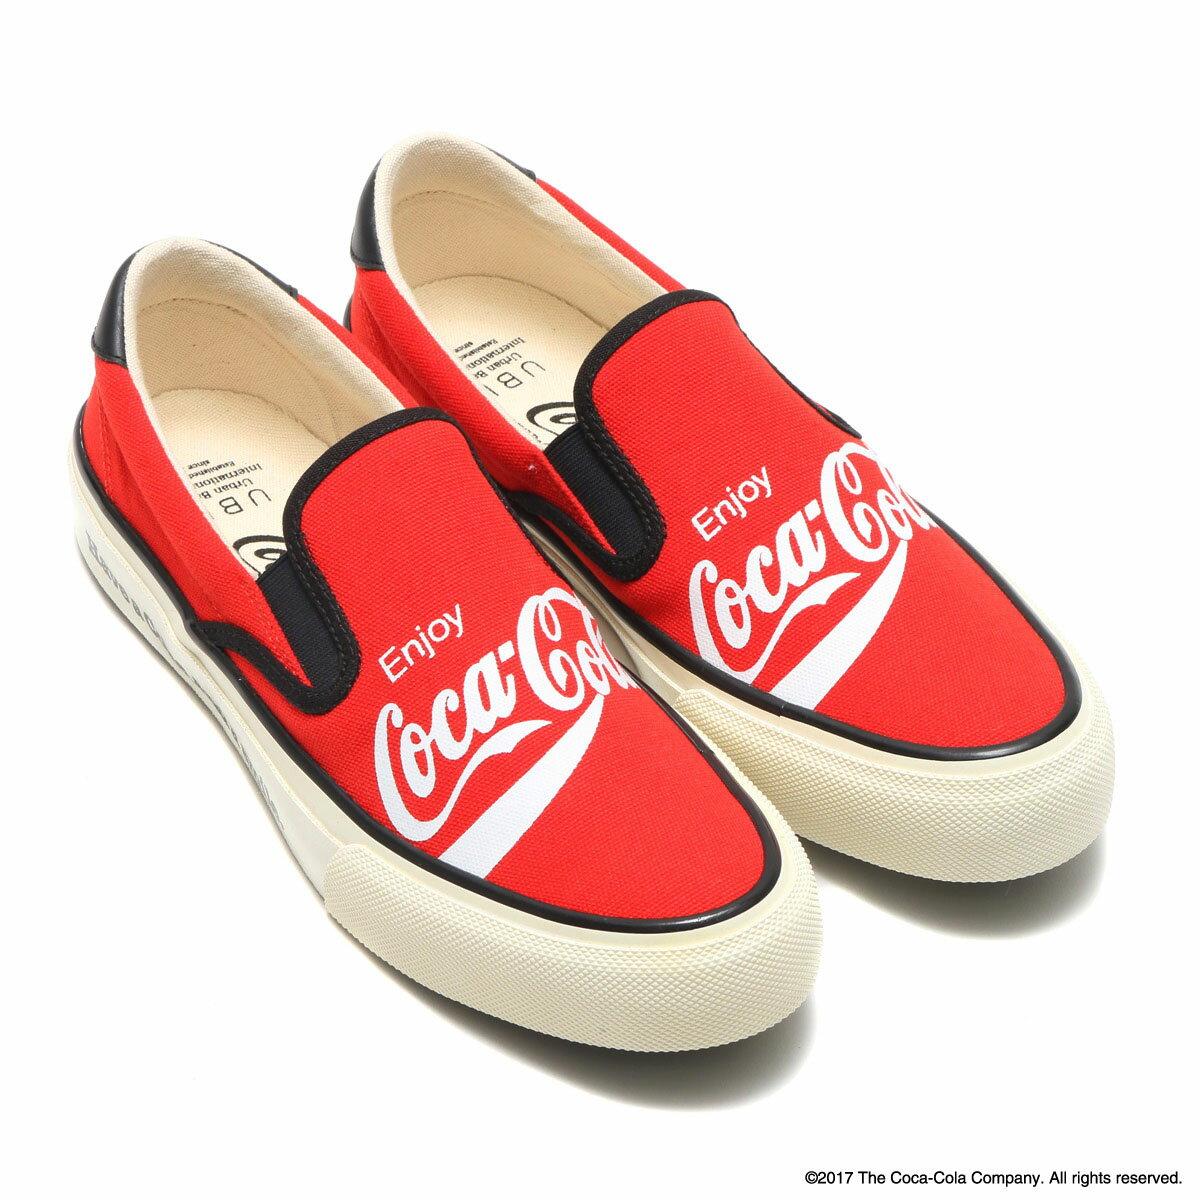 Coca-Cola by UBIQ HOGGE(コカ・コーラ バイ ユービック ホッジ)RED【メンズ レディース スニーカー】17FW-S